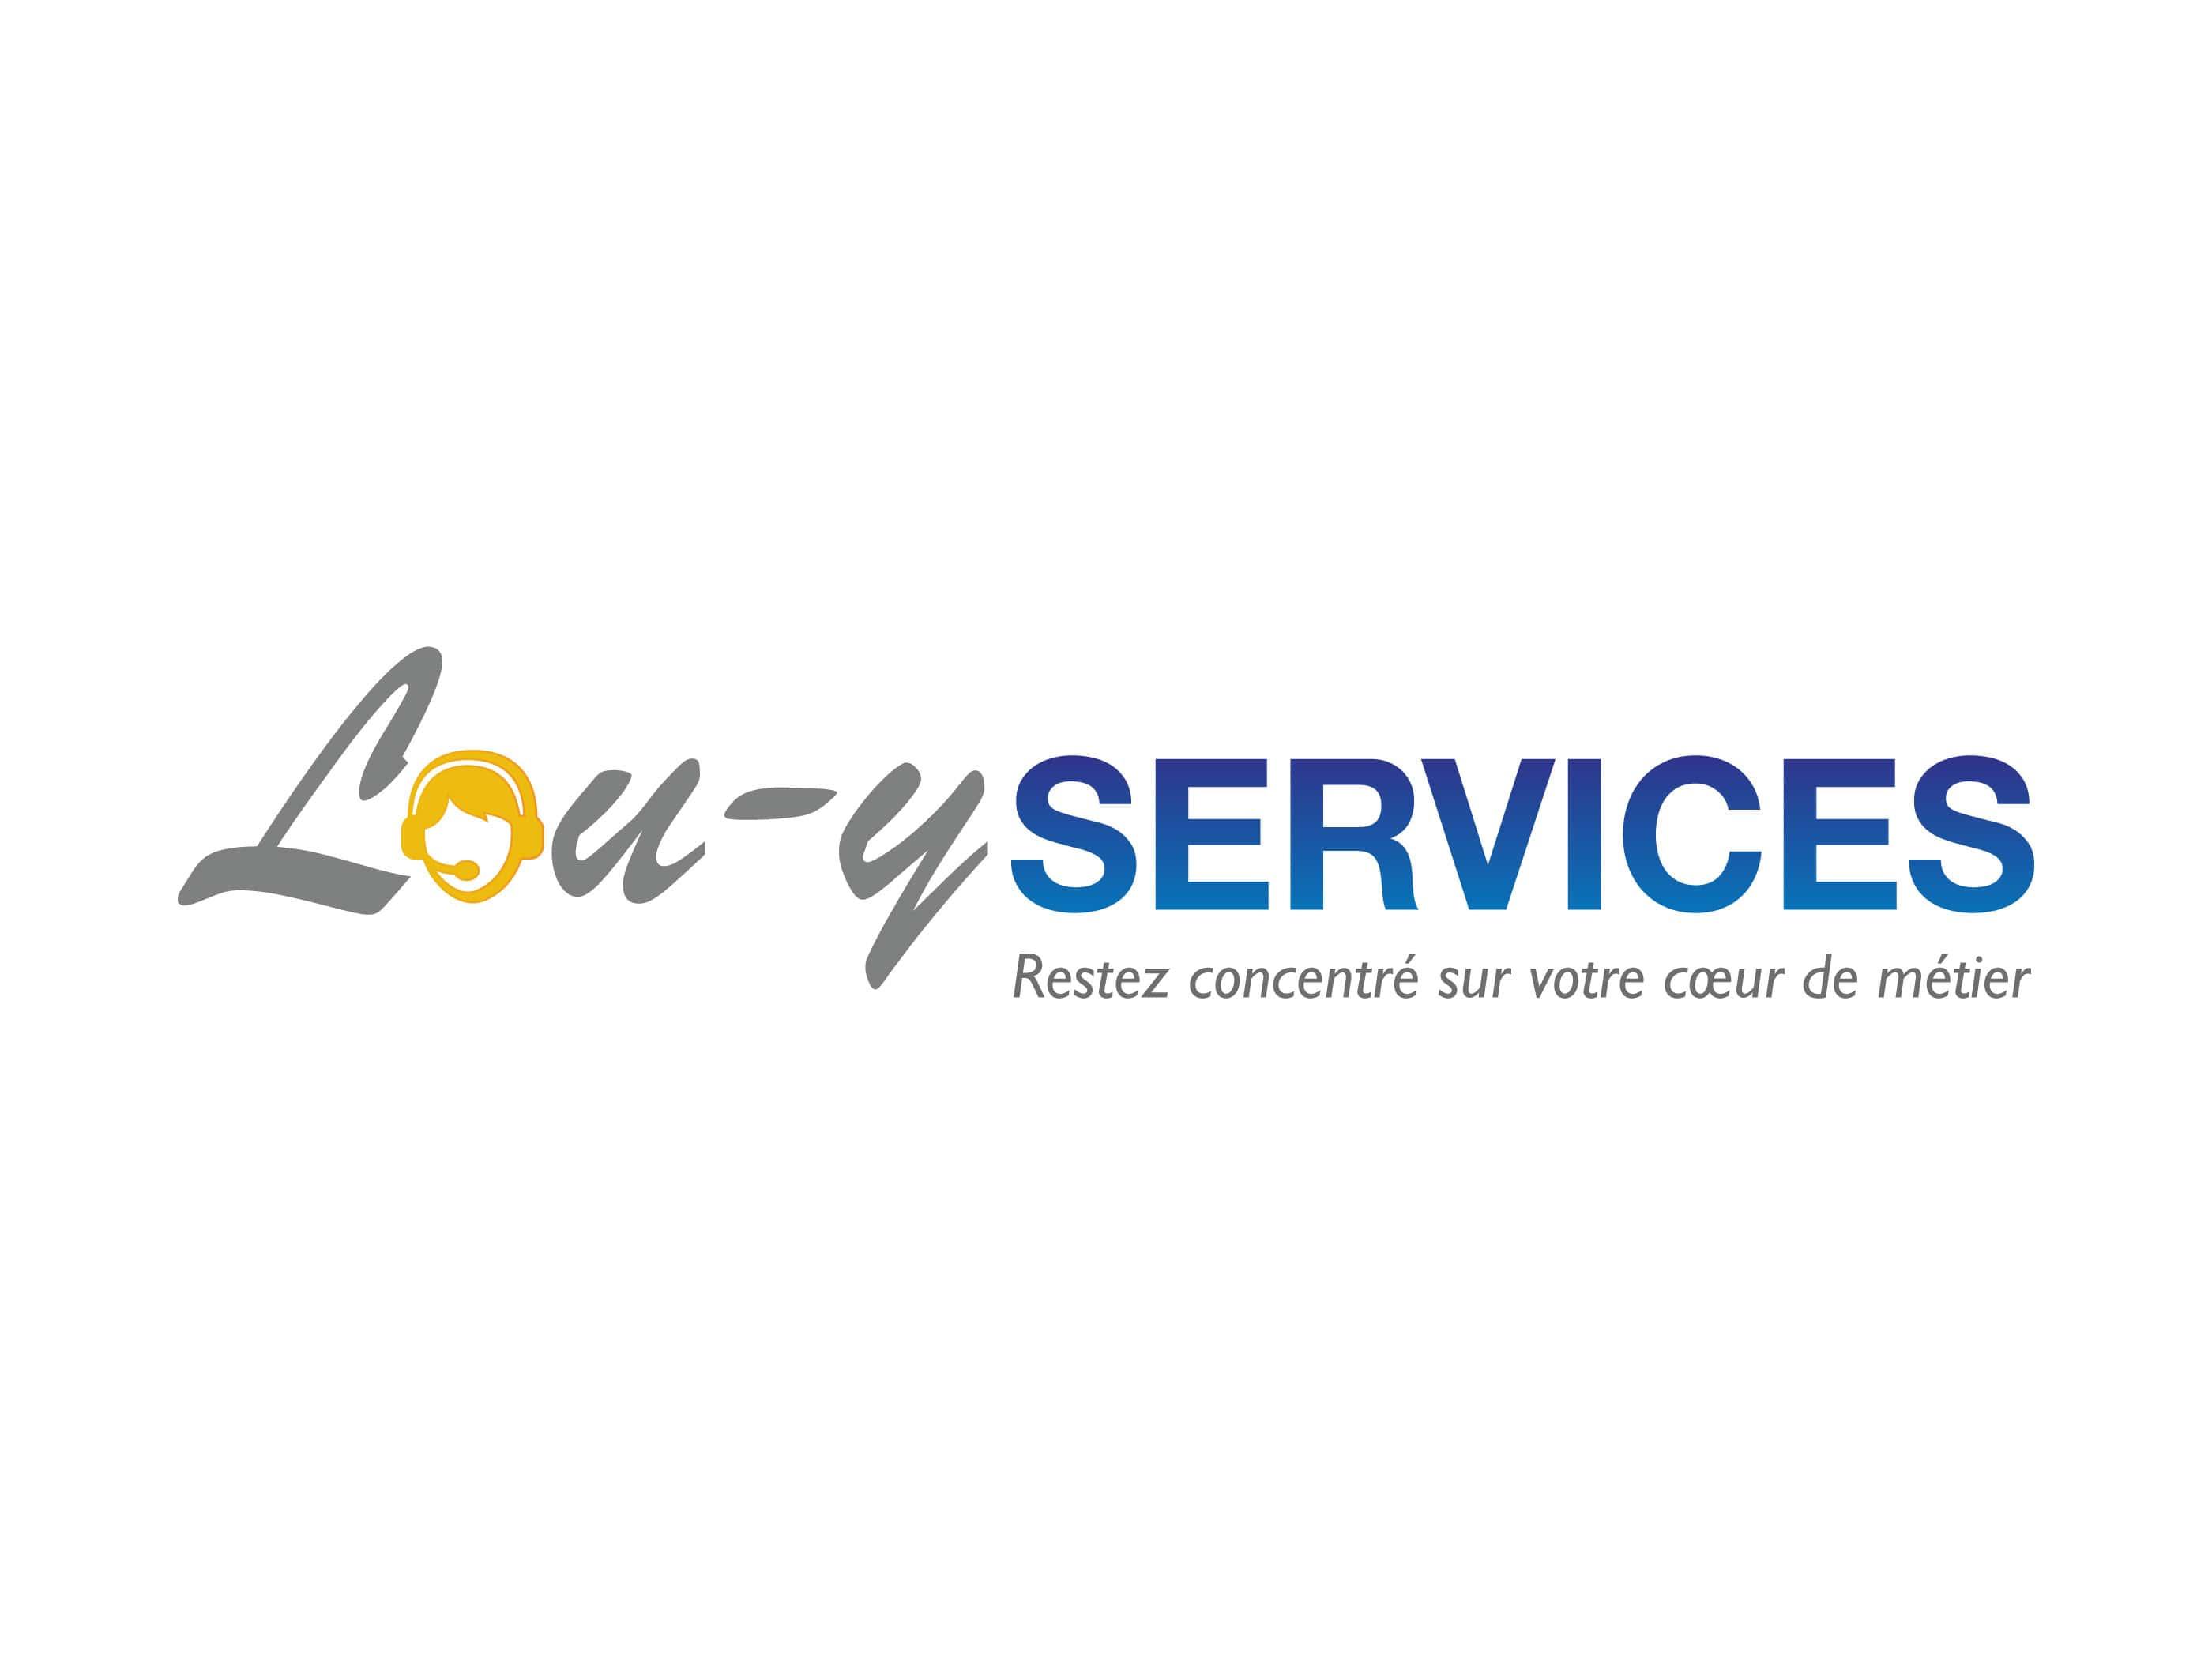 logo lou-yservices réalisé par ismacom